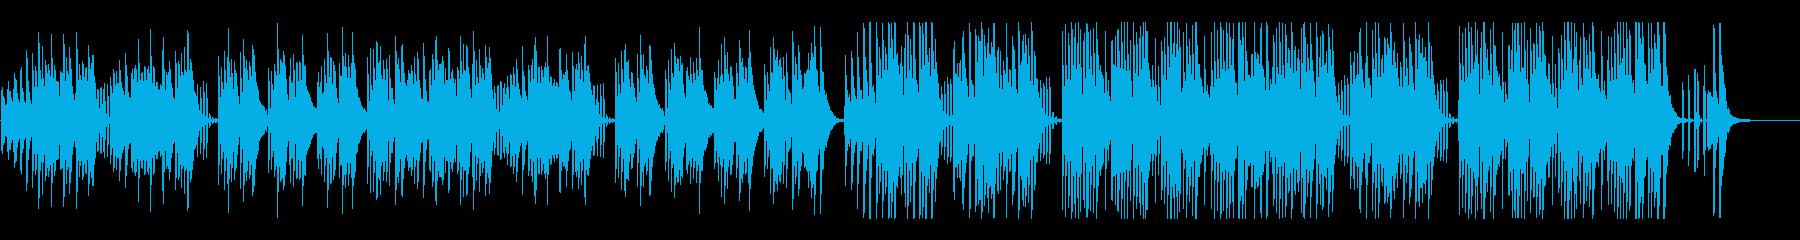 キュートでほのぼのした楽曲B:フル版の再生済みの波形